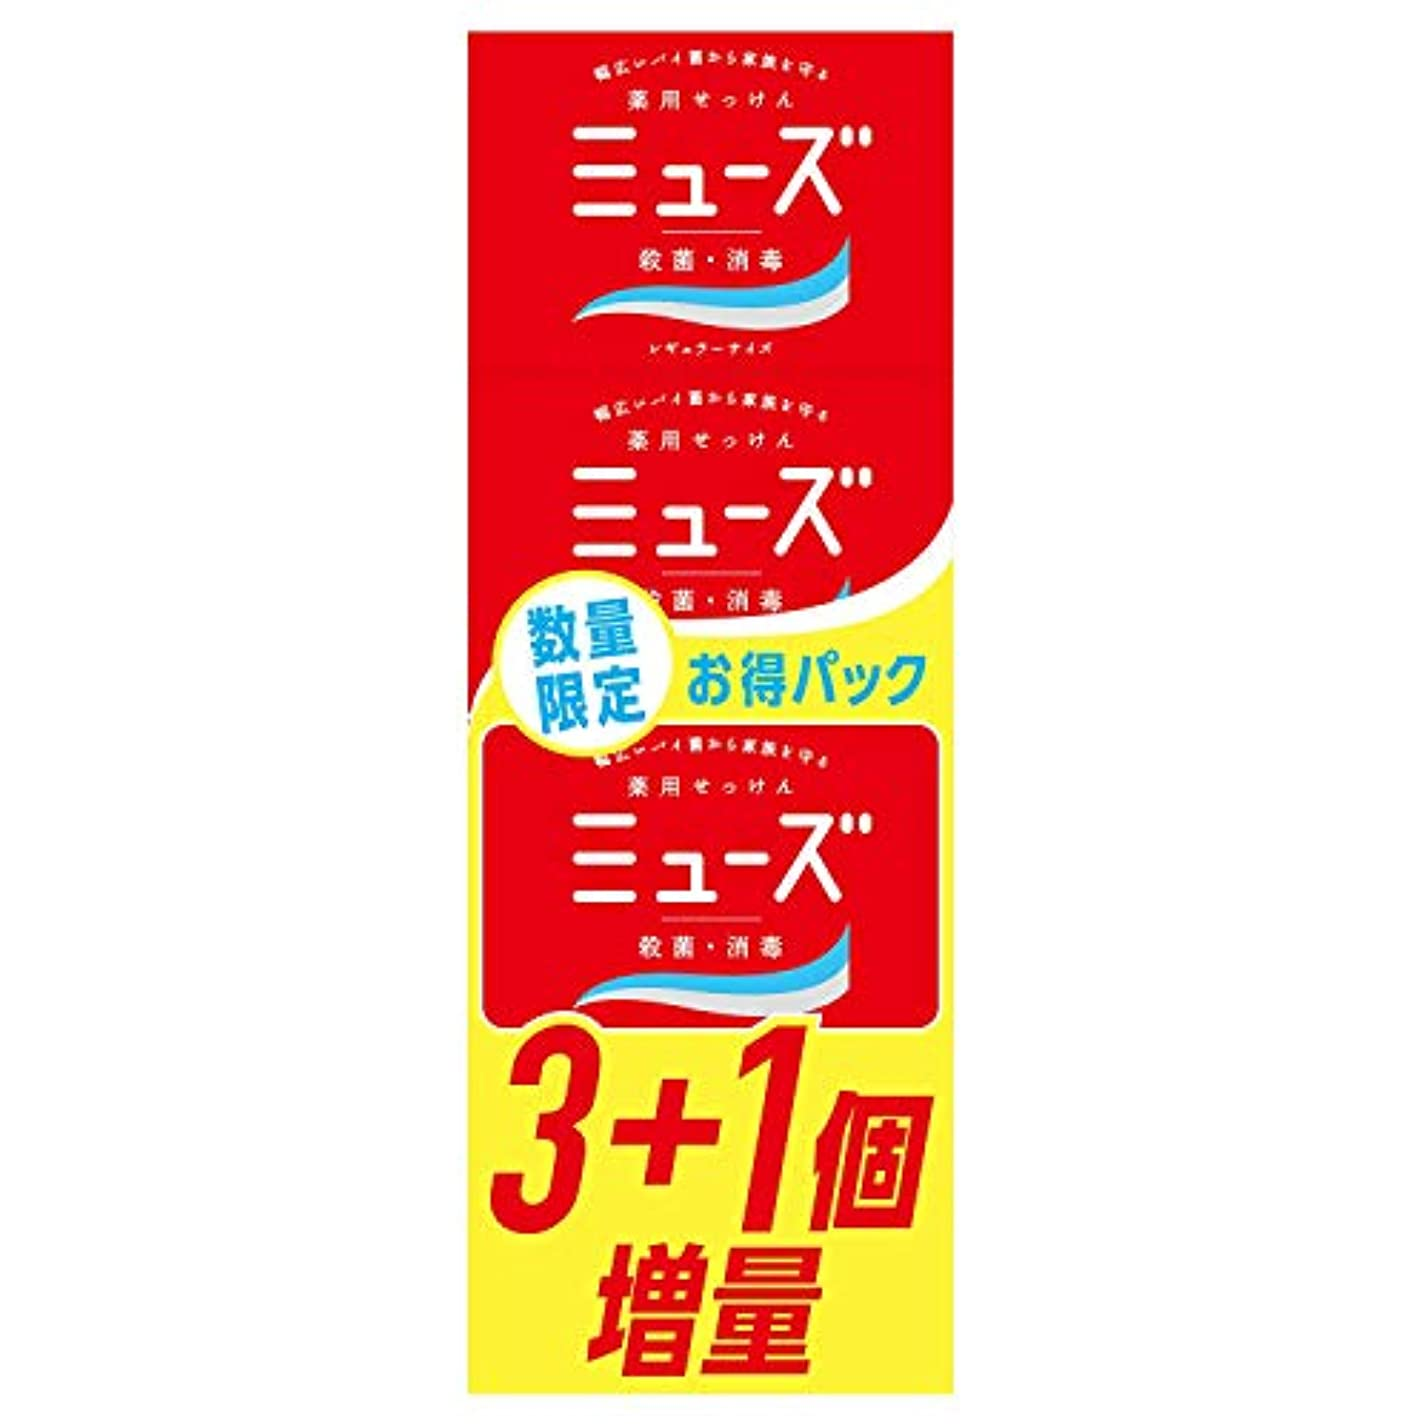 炭素永久振りかける【医薬部外品】ミューズ石鹸レギュラー 3+1限定品